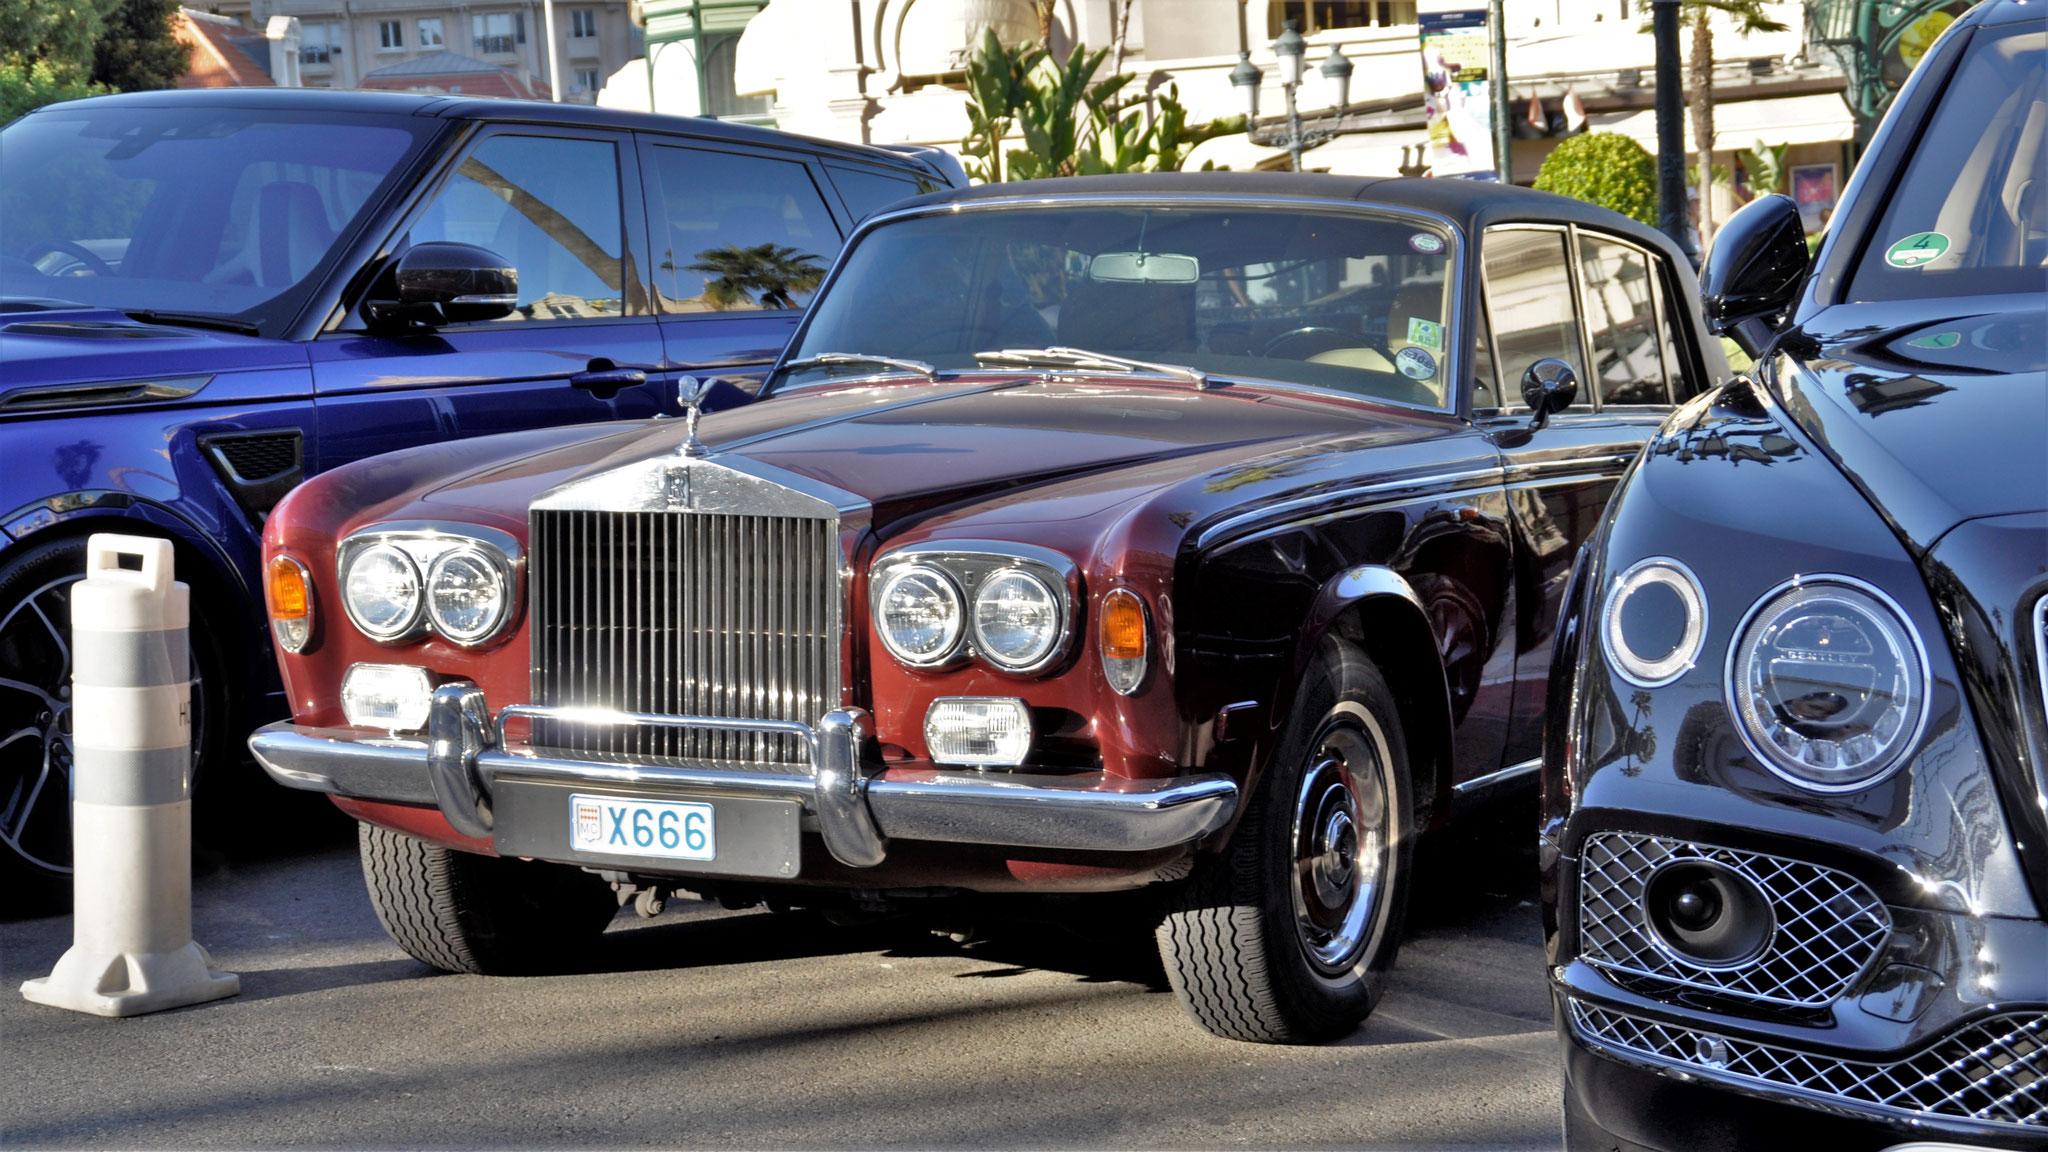 Rolls Royce Silver Shadow - X666 (MC)